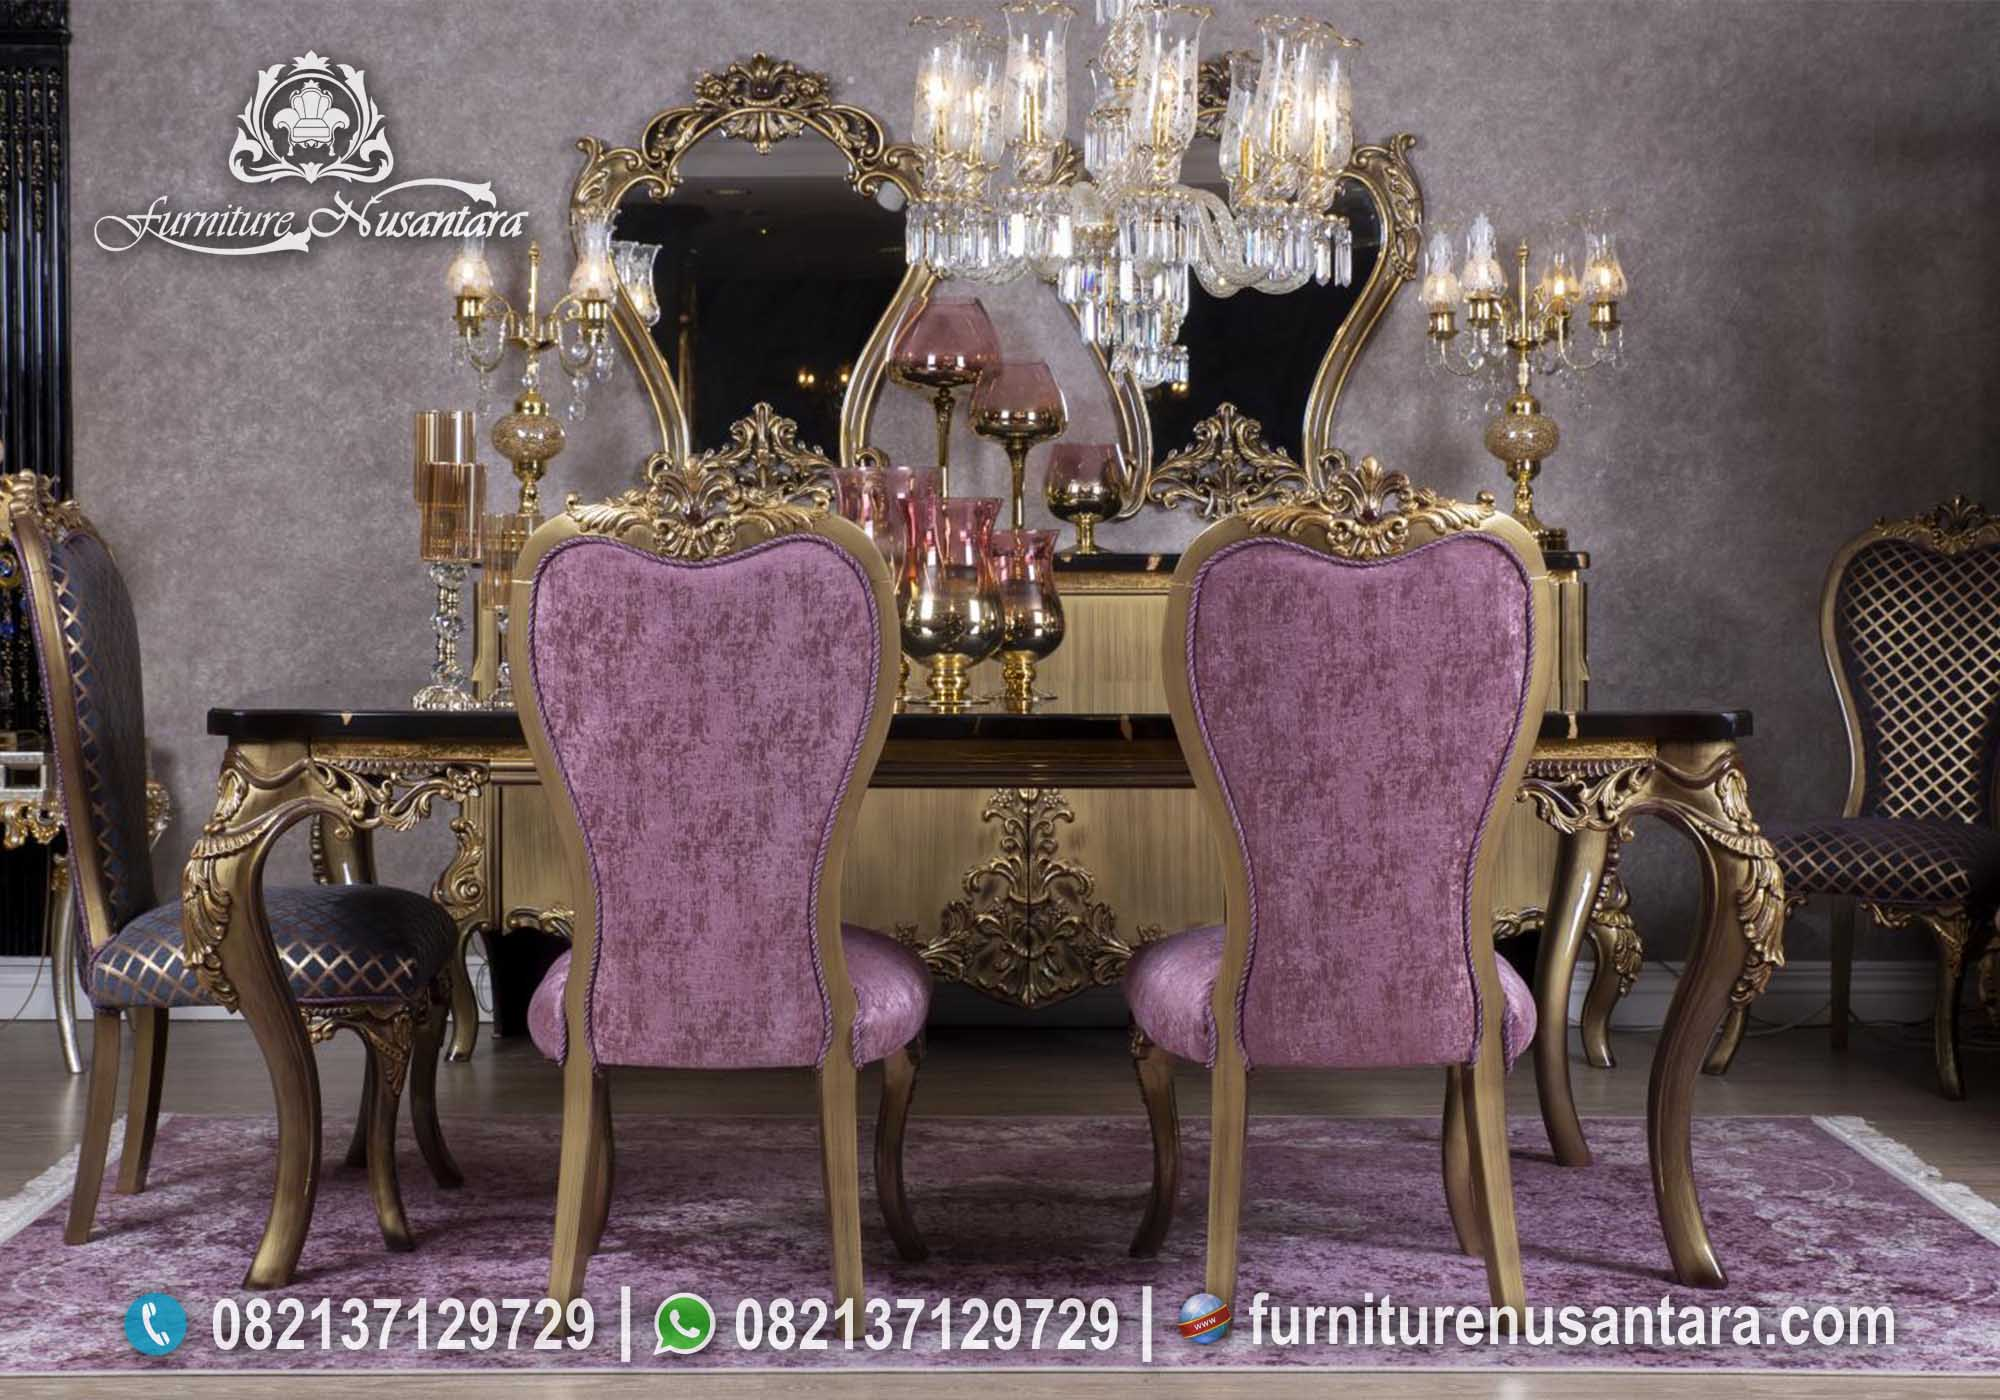 Meja Makan Nuansa Ungu Top Marmer MM-20, Furniture Nusantara